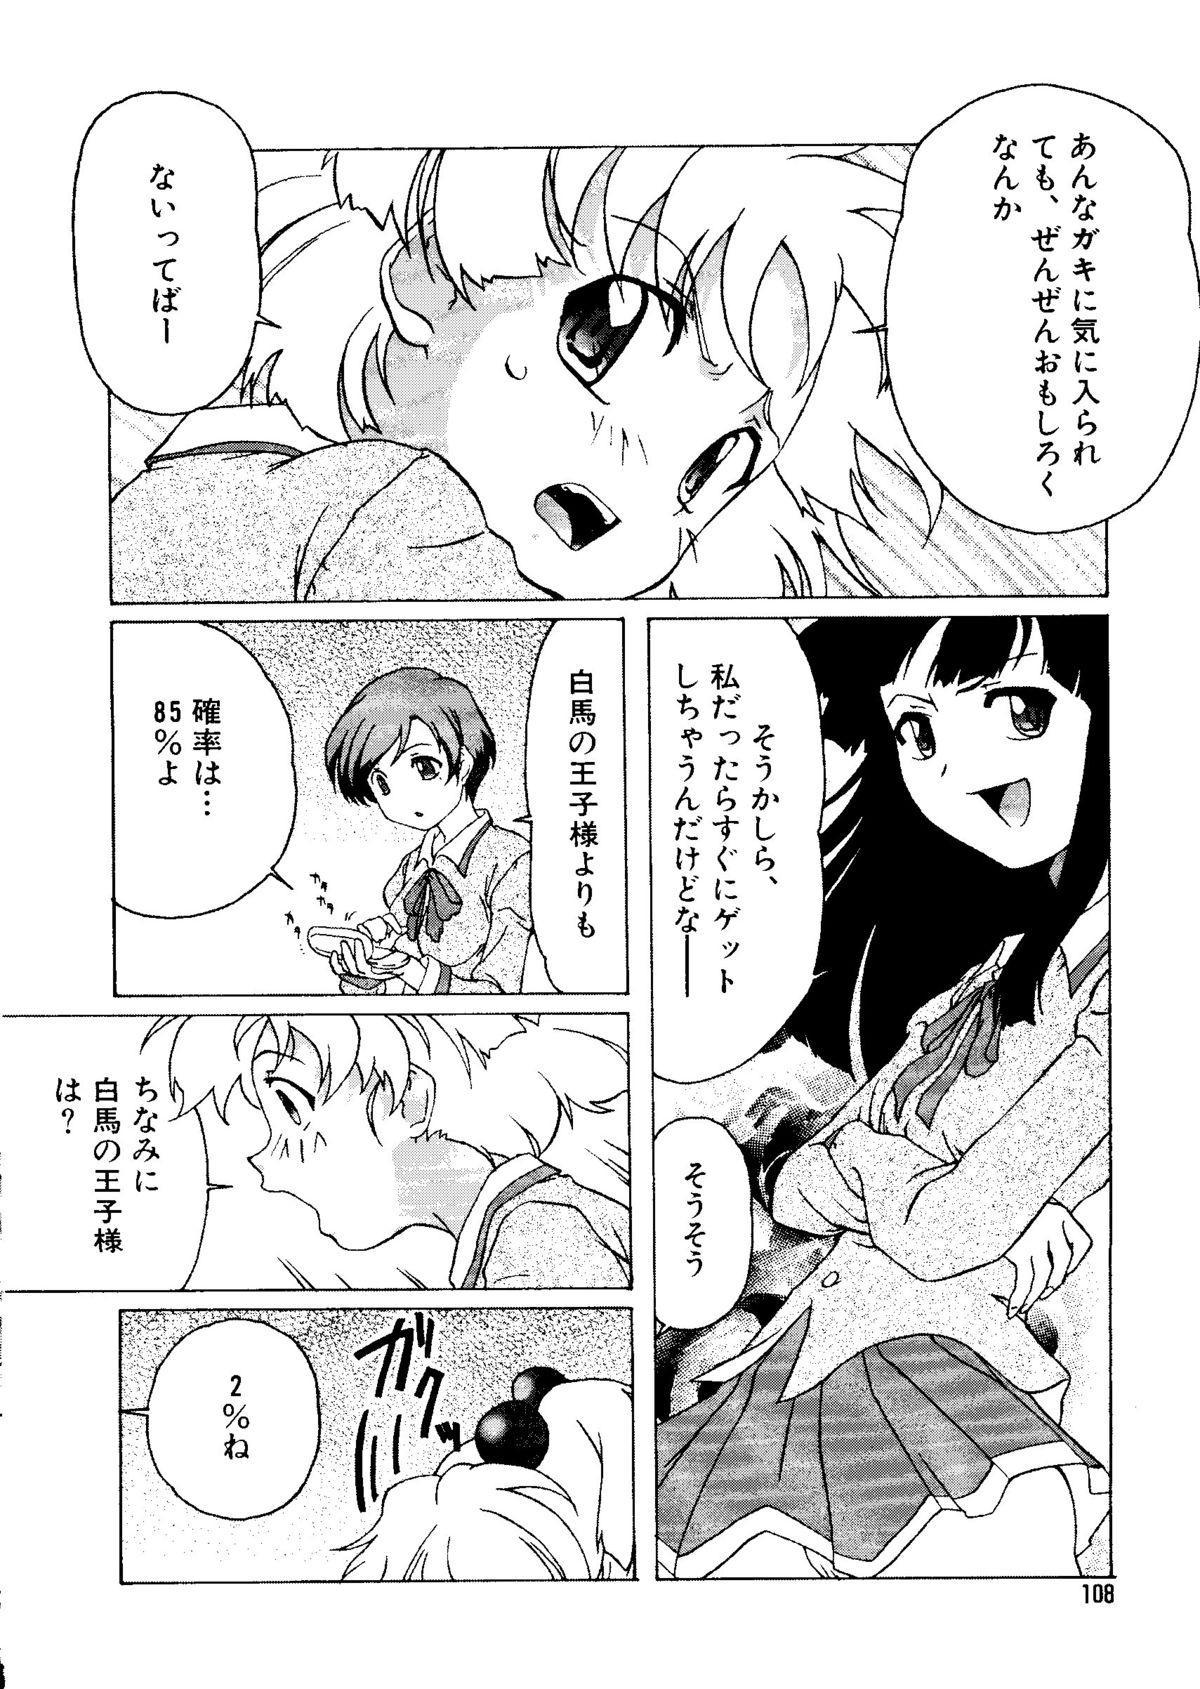 Mujirushi Youhin Vol. 7 106